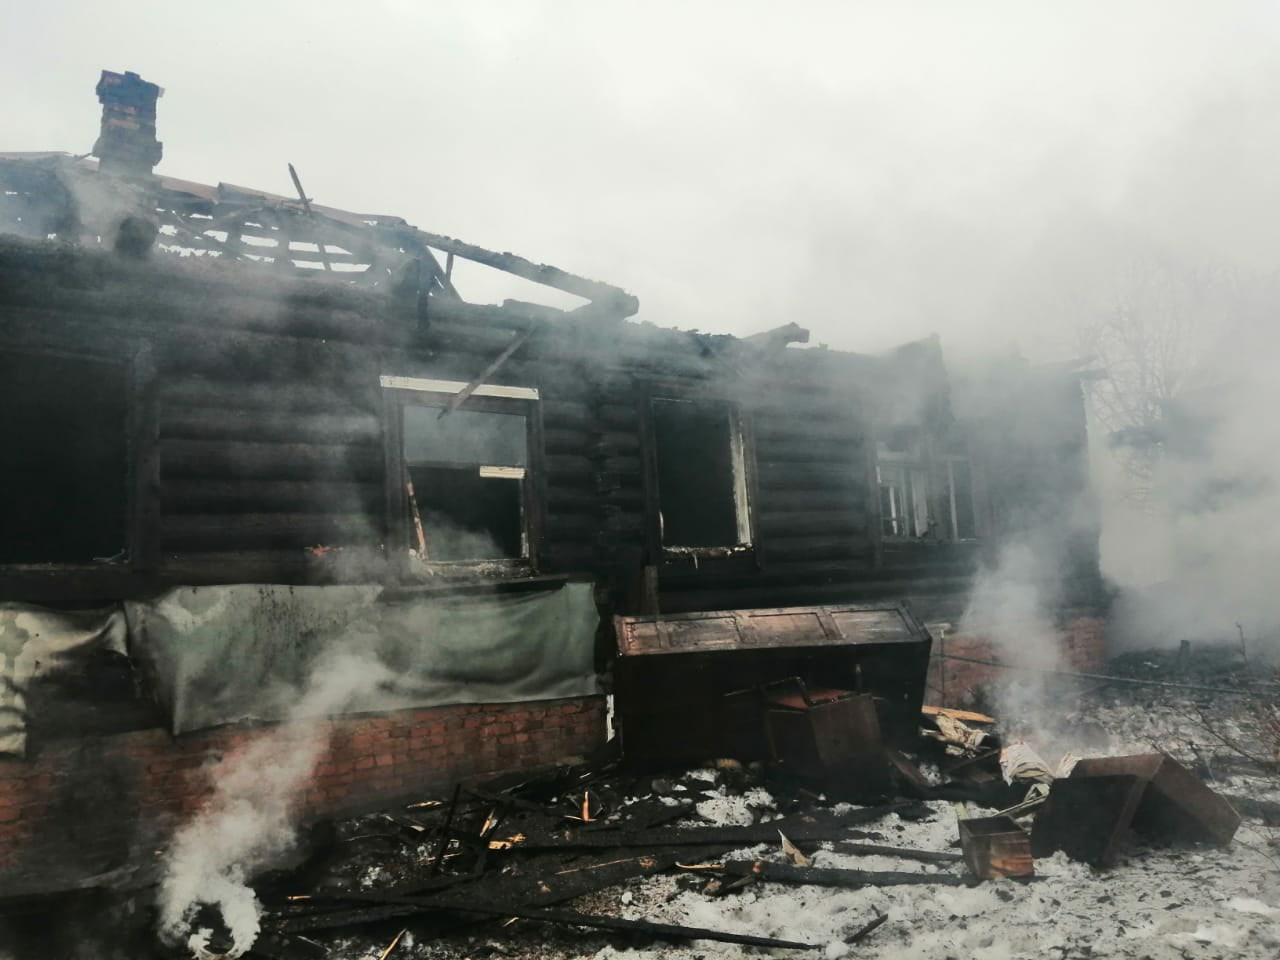 57-летний мужчина погиб, спасая дом от пожара в Тверской области